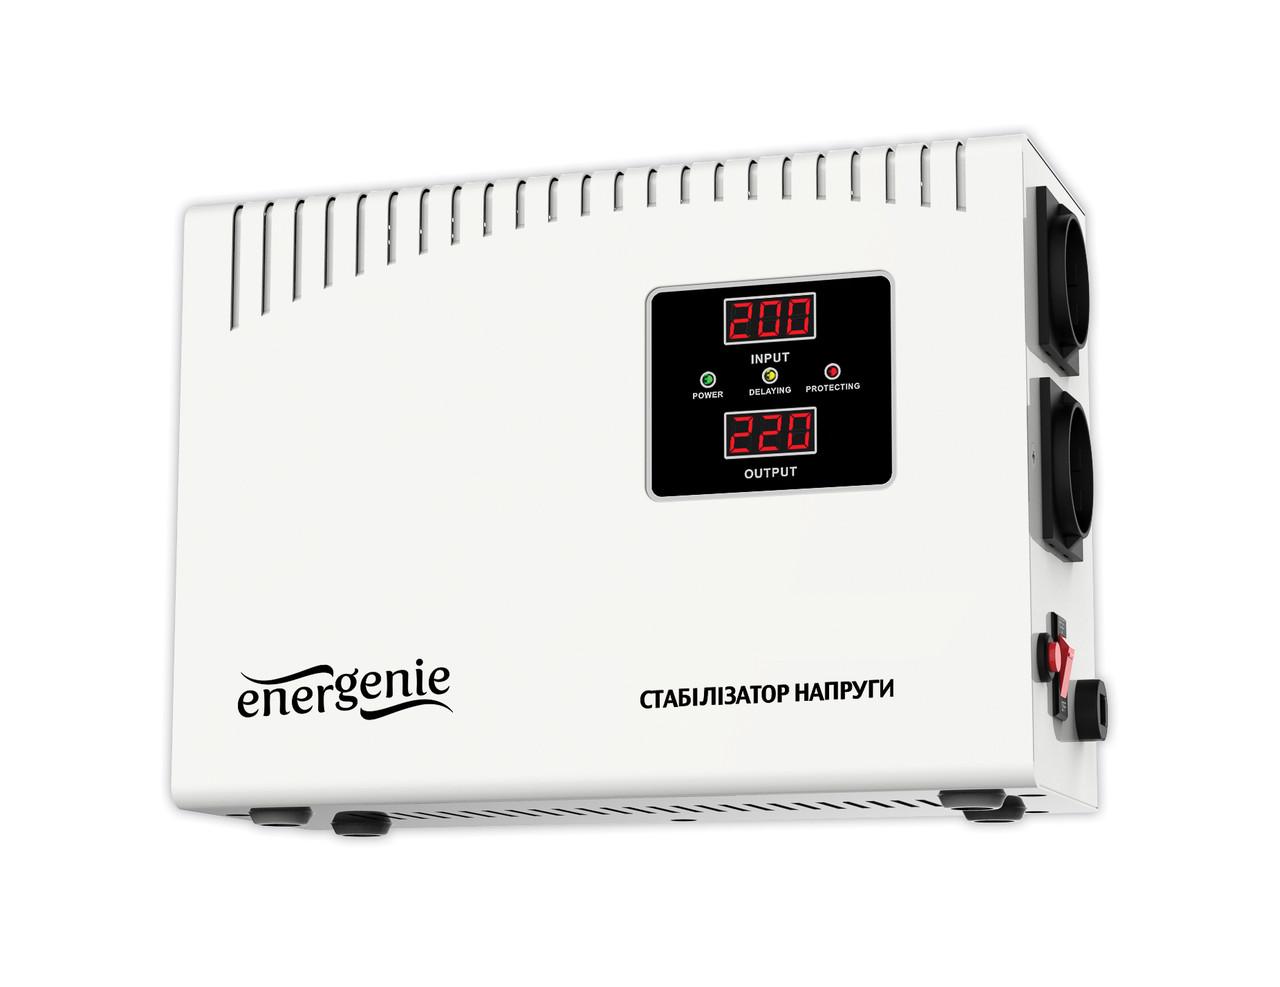 Автоматический регулятор напряжения 230 В, 2000 ВА (релейный)